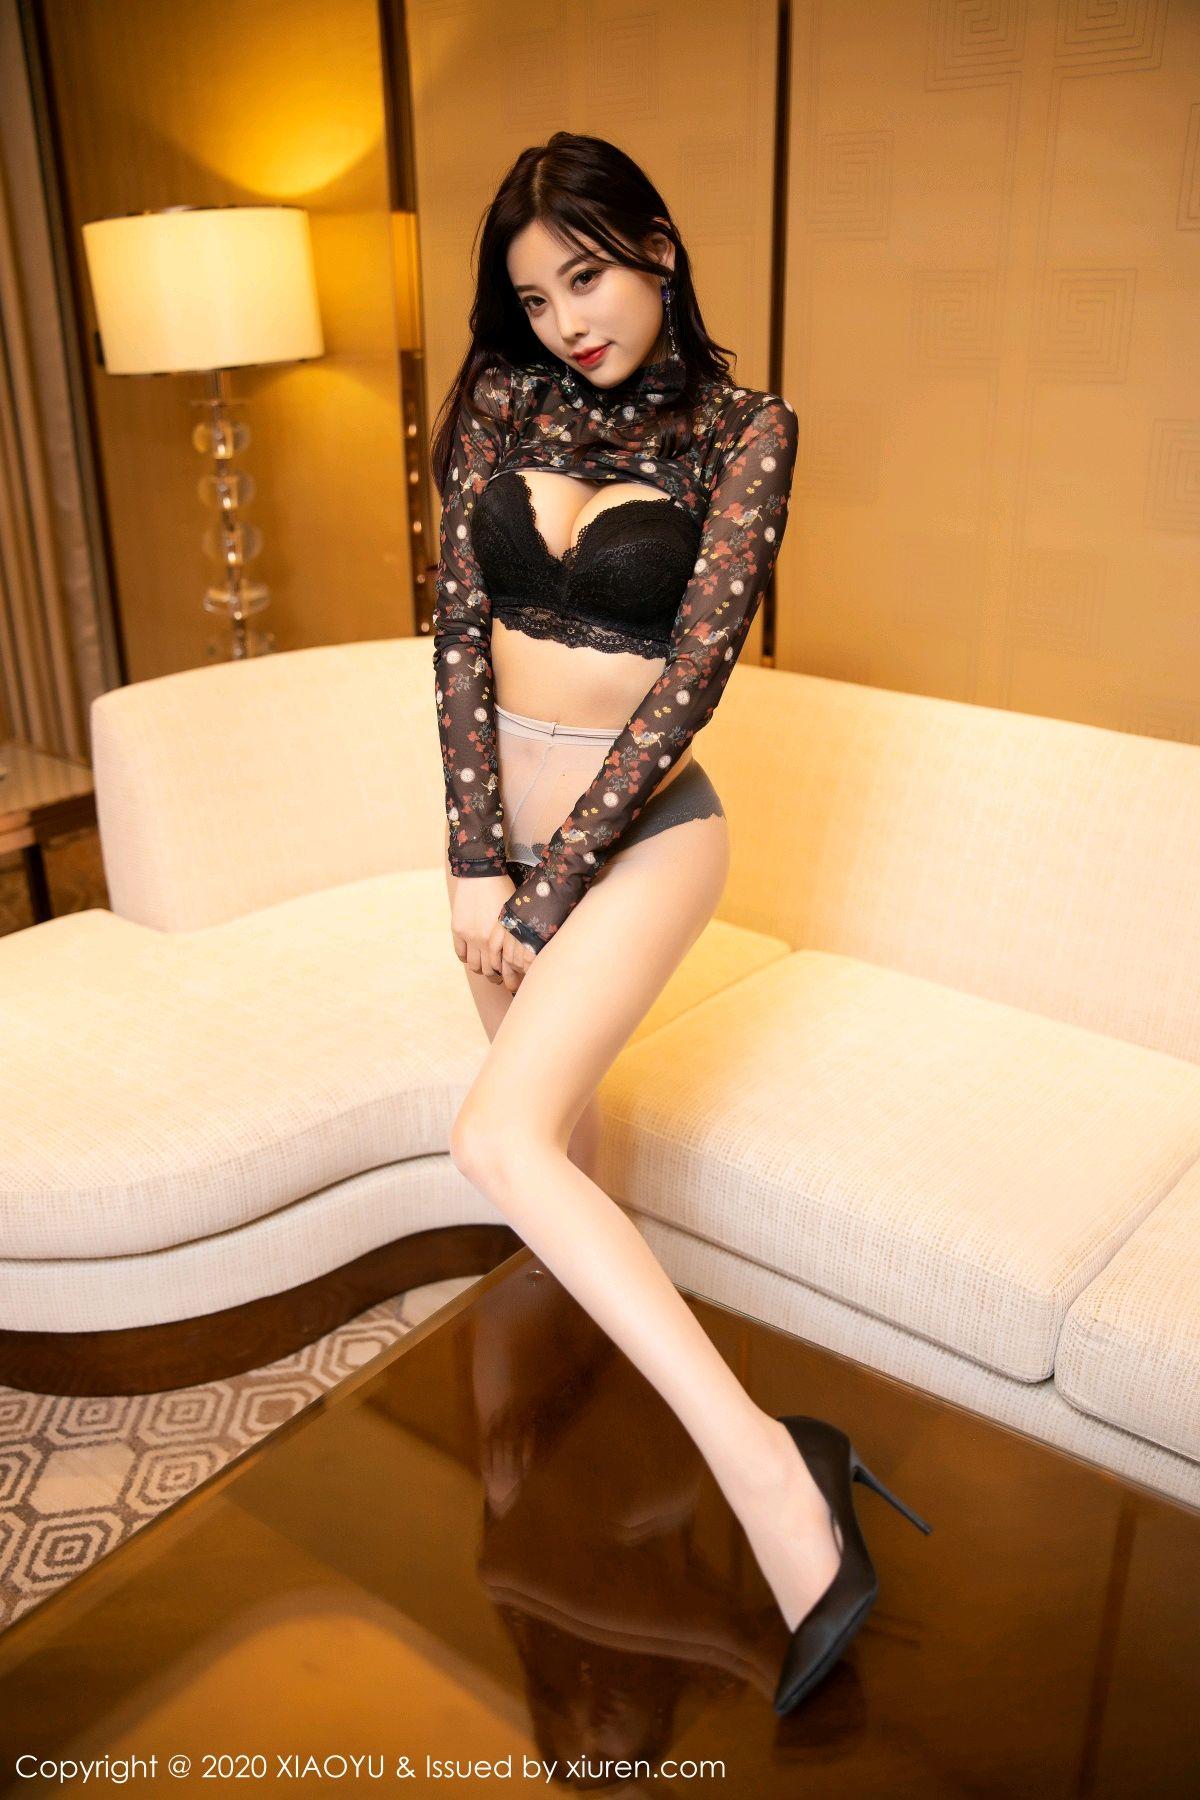 [XiaoYu] Vol.289 Yang Chen Chen 2P, Underwear, XiaoYu, Yang Chen Chen